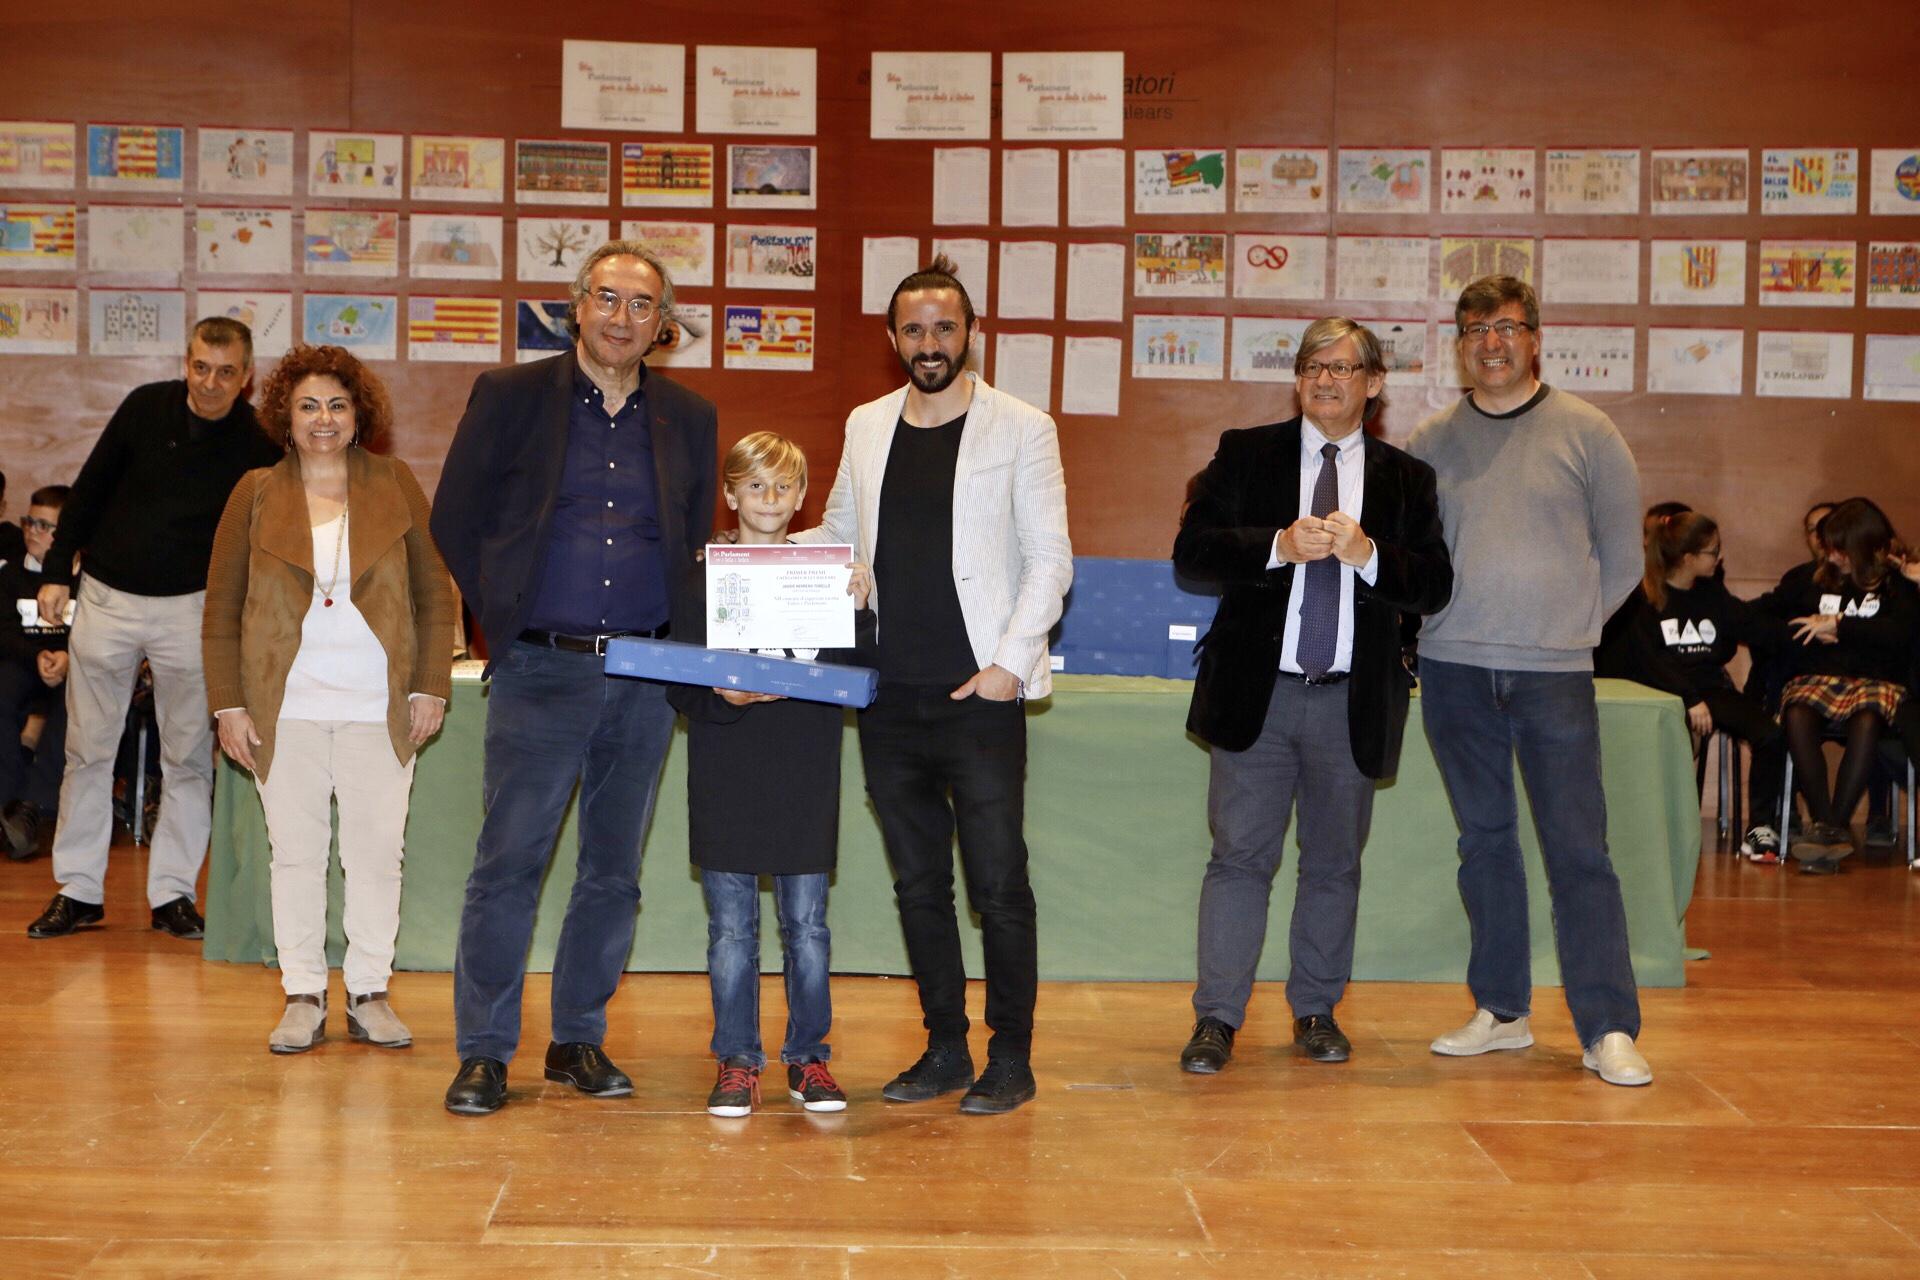 Javier Herrero Torelló, del CEIP Port de Pollença, és el guanyador de redacció, categoria 'Illes Balears'.